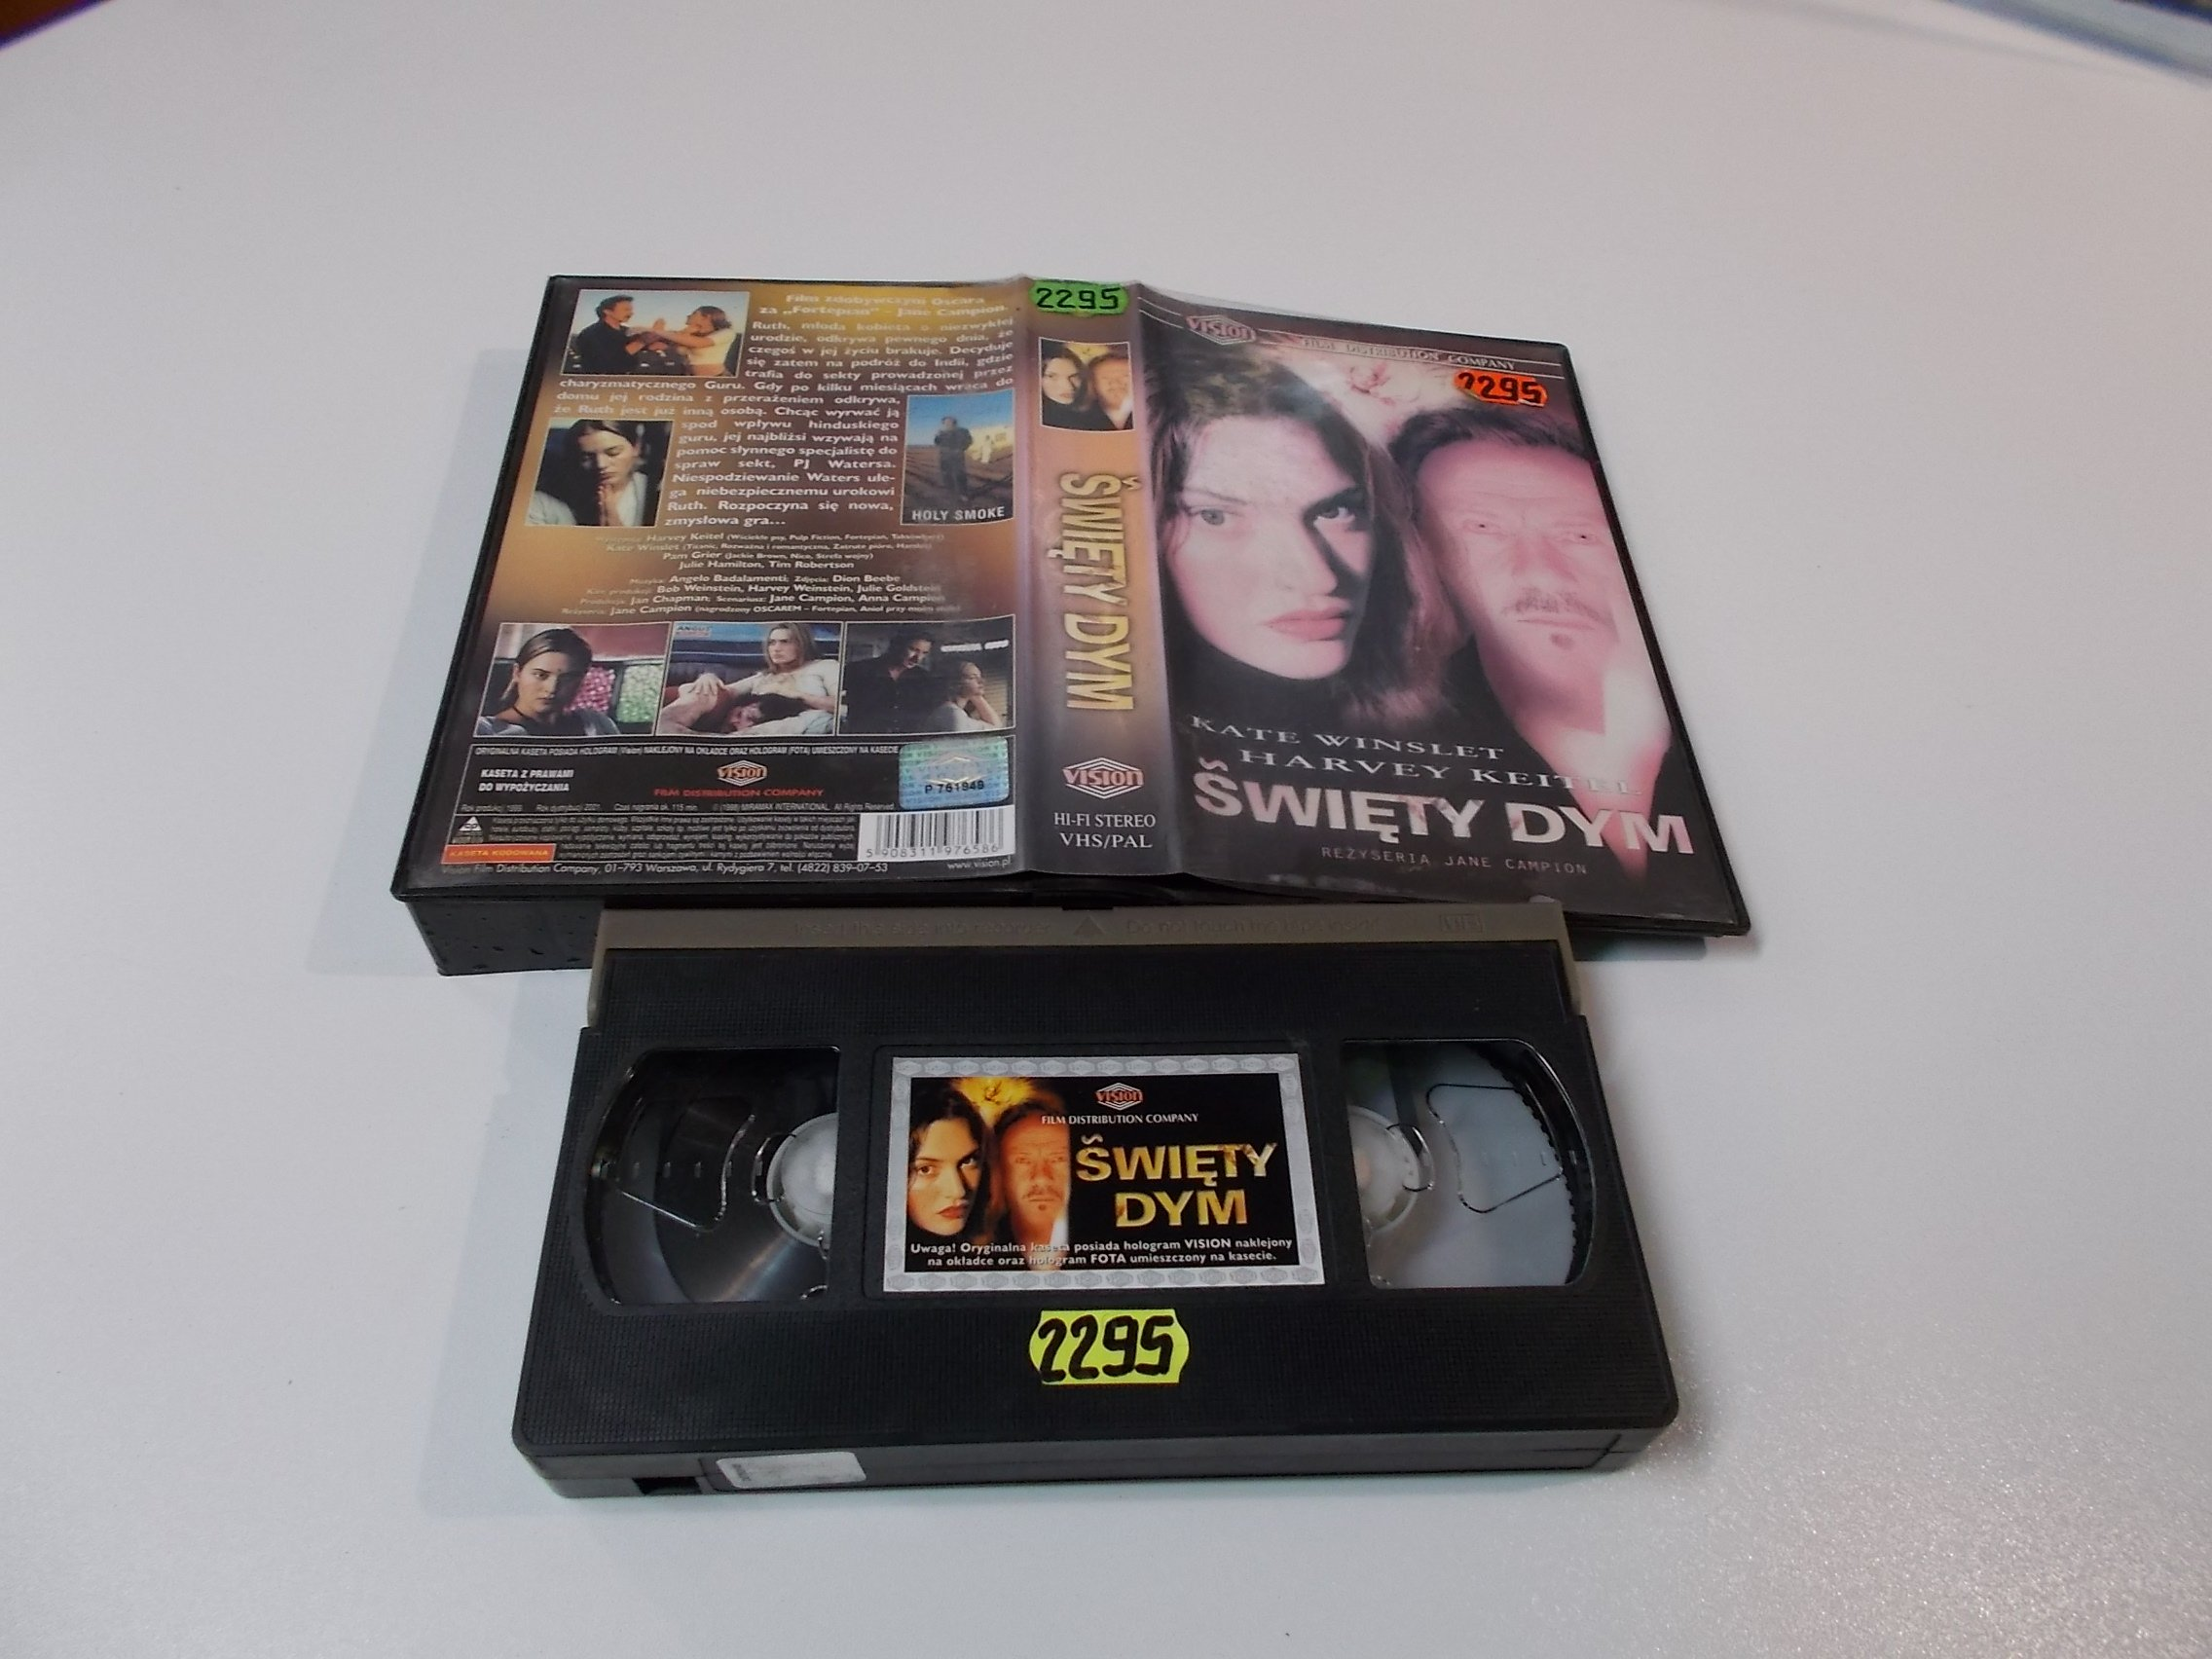 ŚWIĘTY DYM - VHS Kaseta Video - Opole 1603